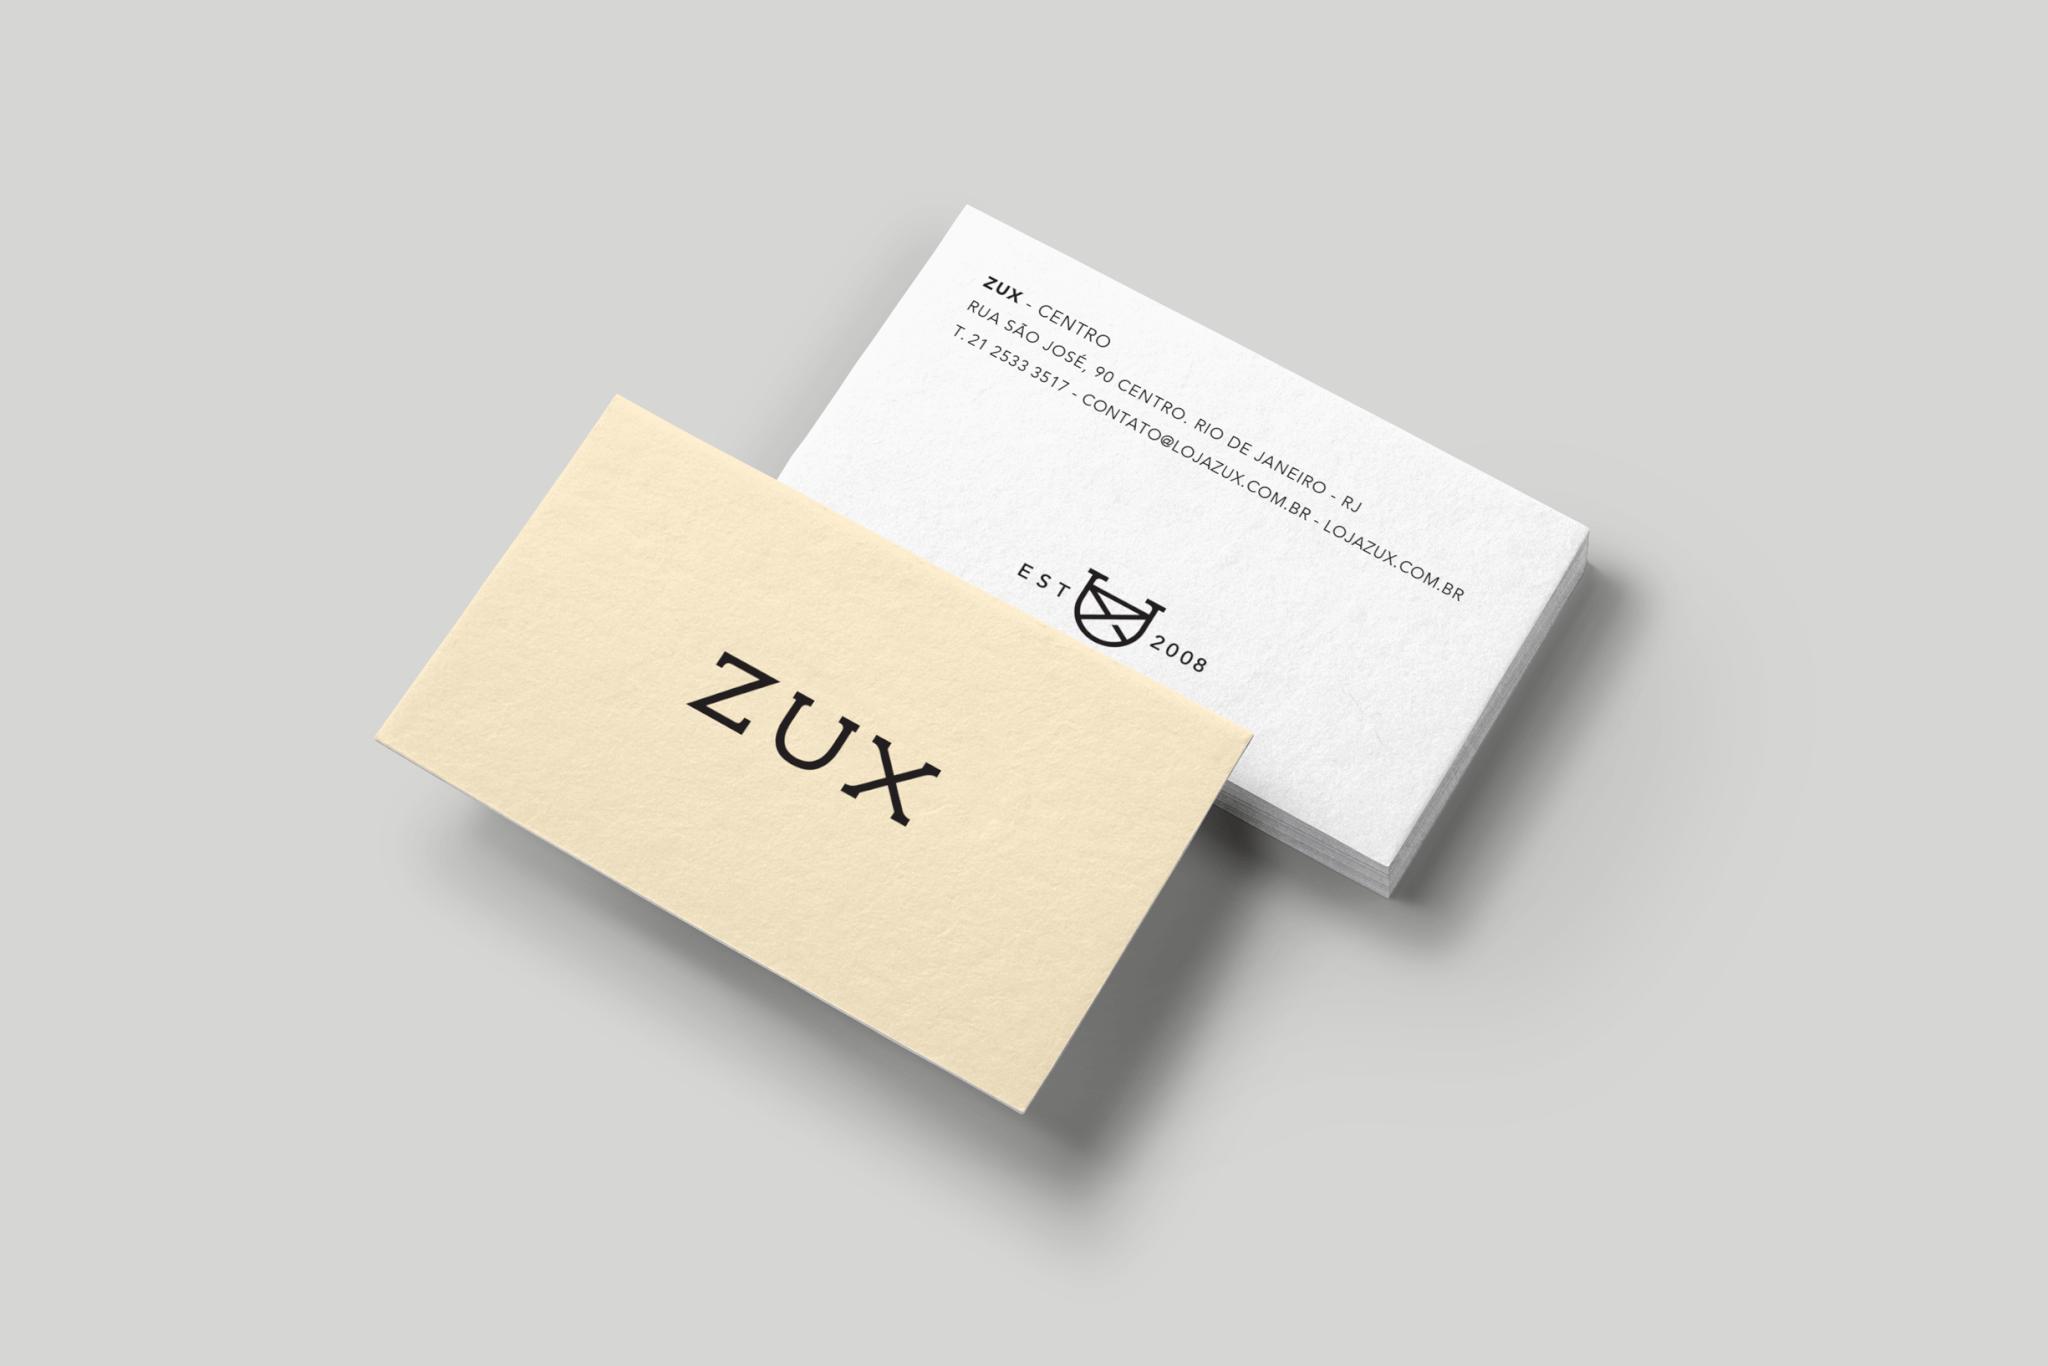 Zux-012